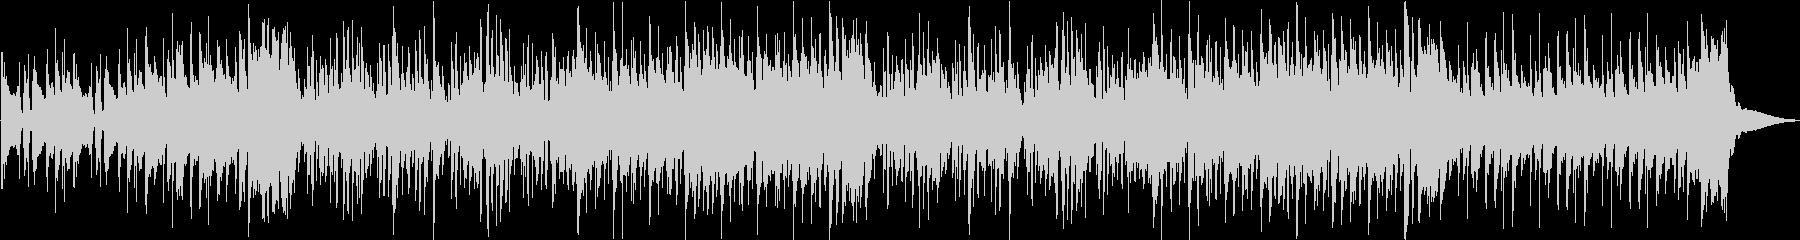 ノリノリでクールなファンキーの未再生の波形